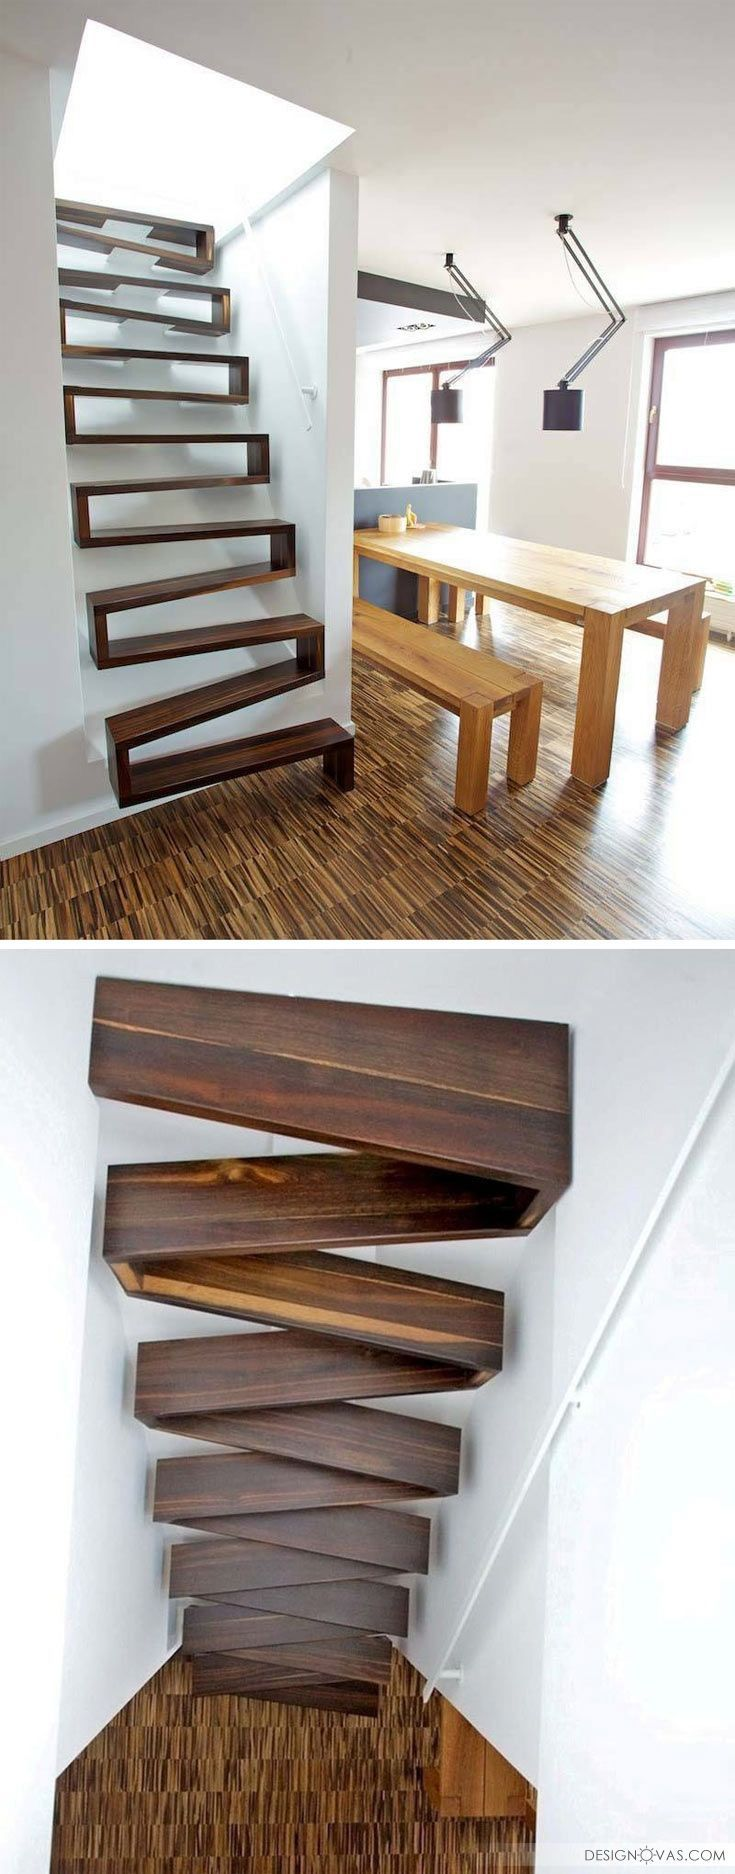 pingl par uberfil briano sur varios pinterest escalier design escaliers modernes et interieur. Black Bedroom Furniture Sets. Home Design Ideas